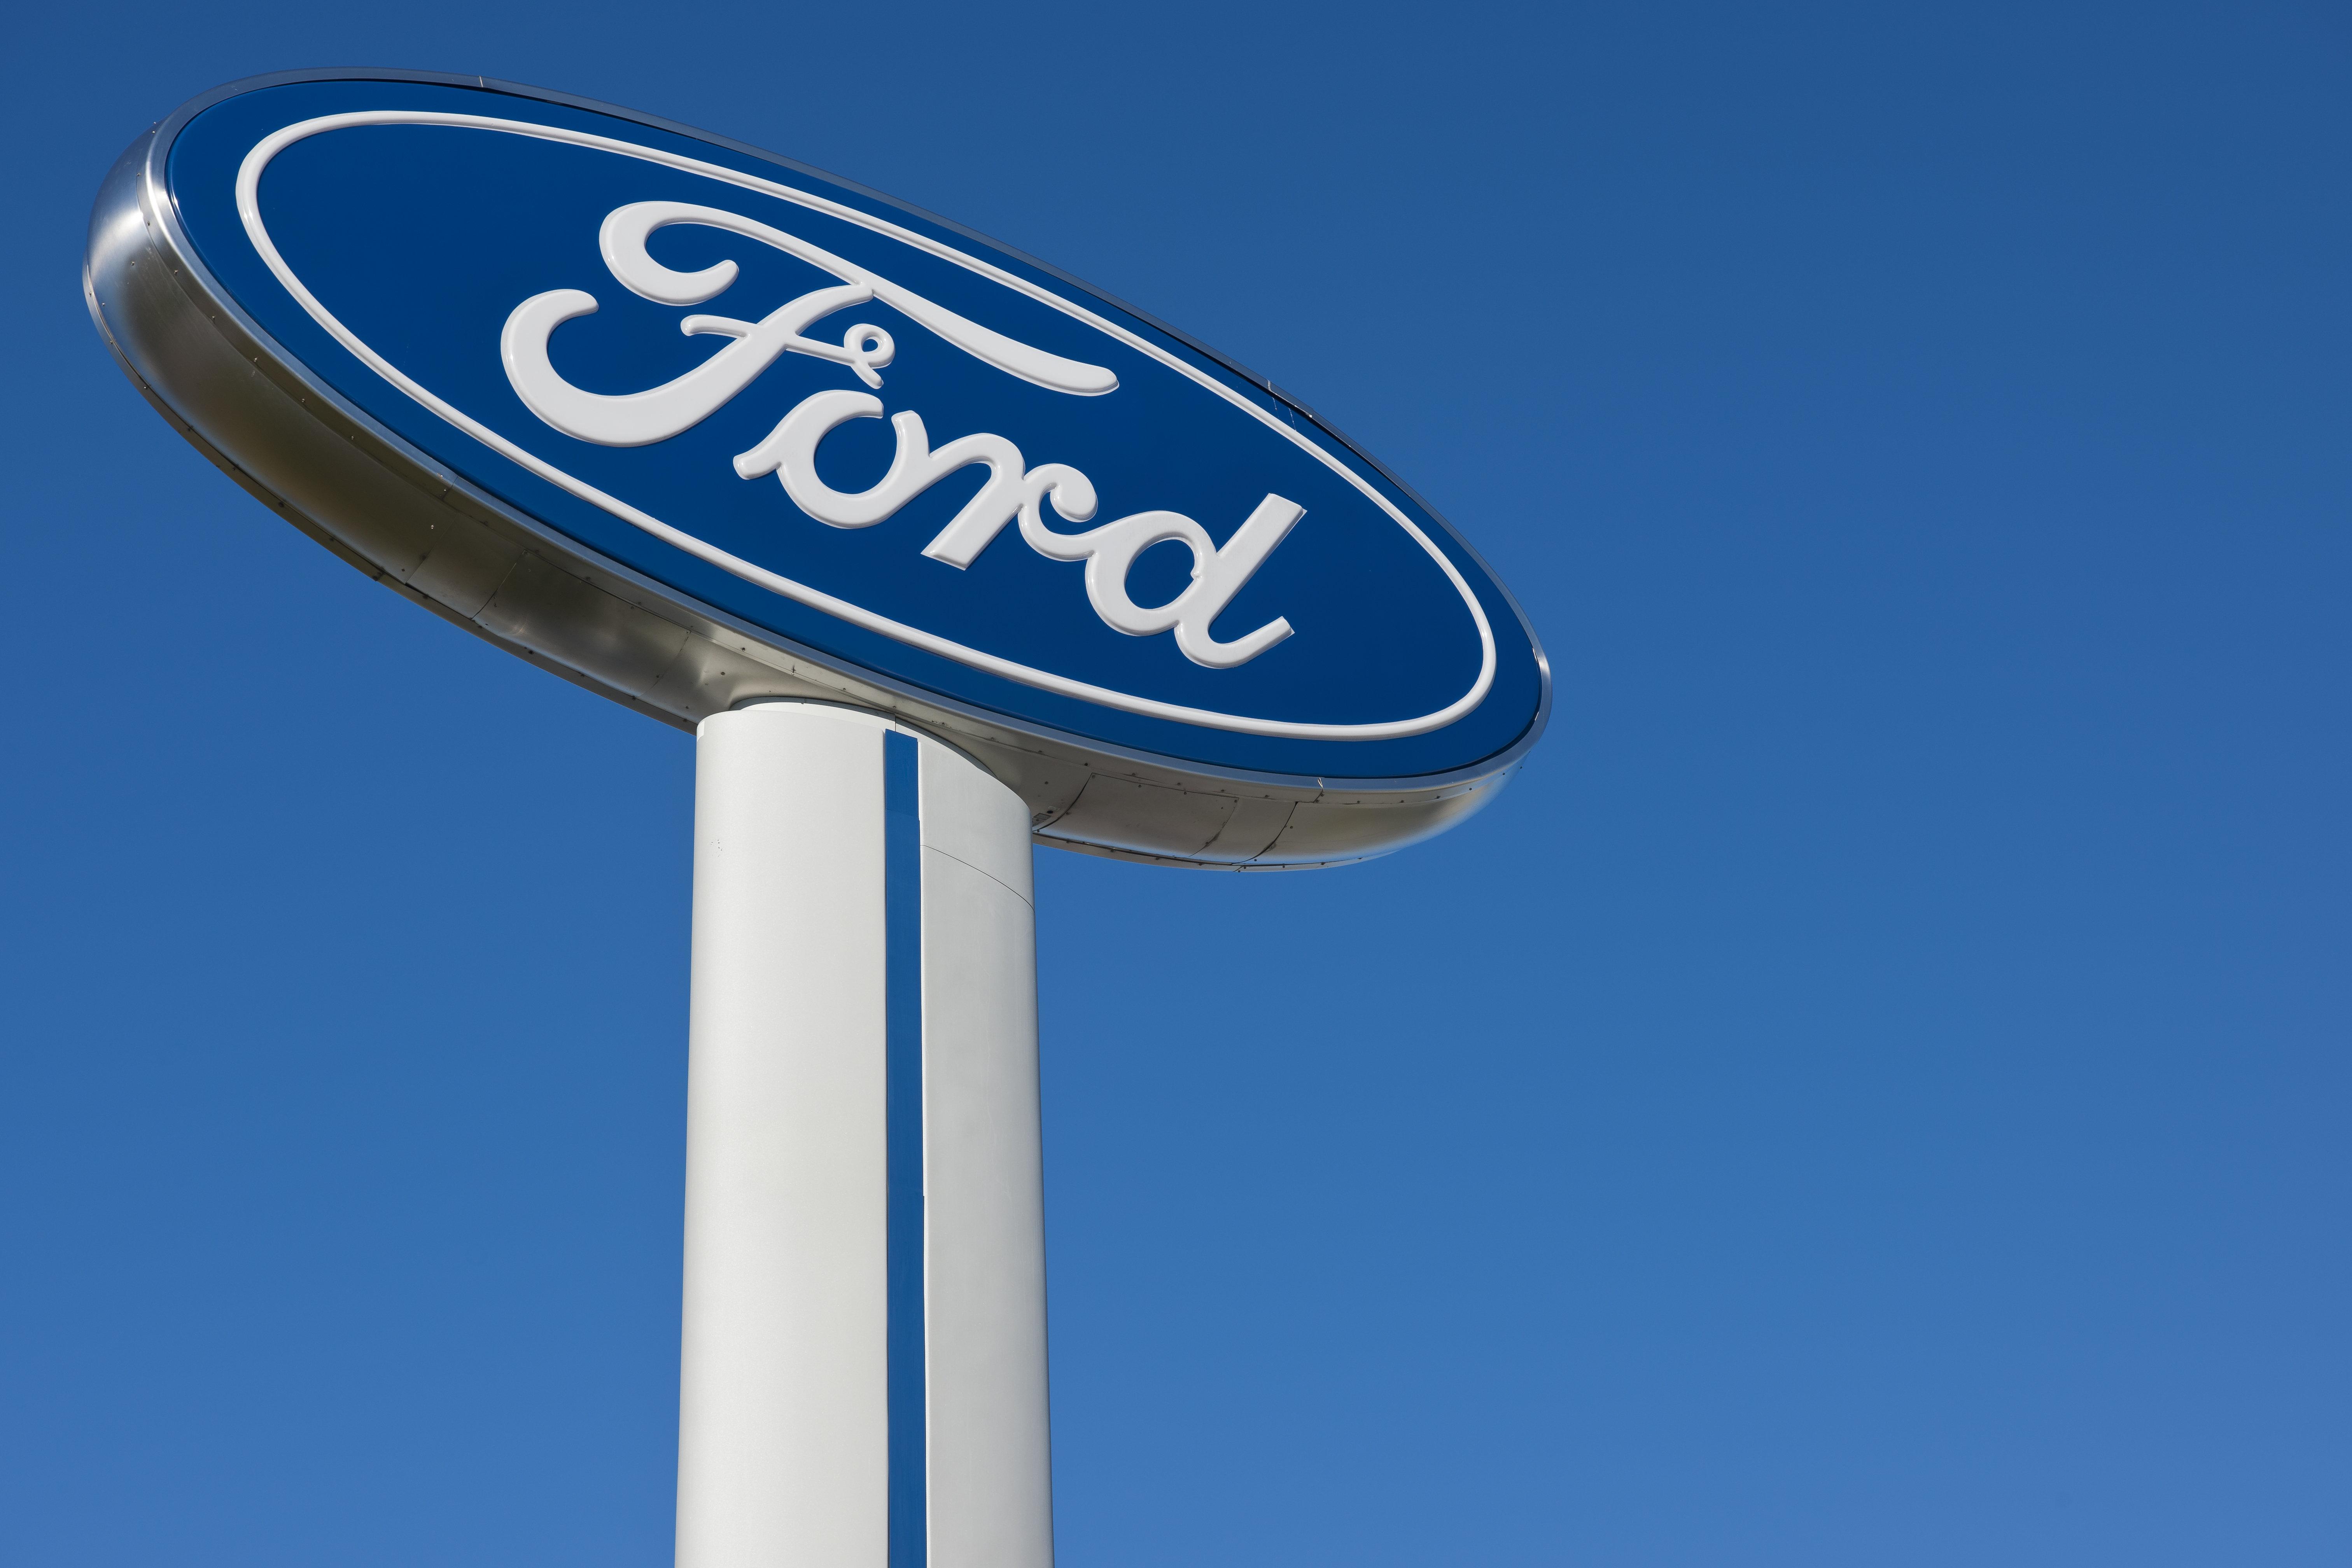 Ford Plans Layoffs After $1 Billion Trump Tariff